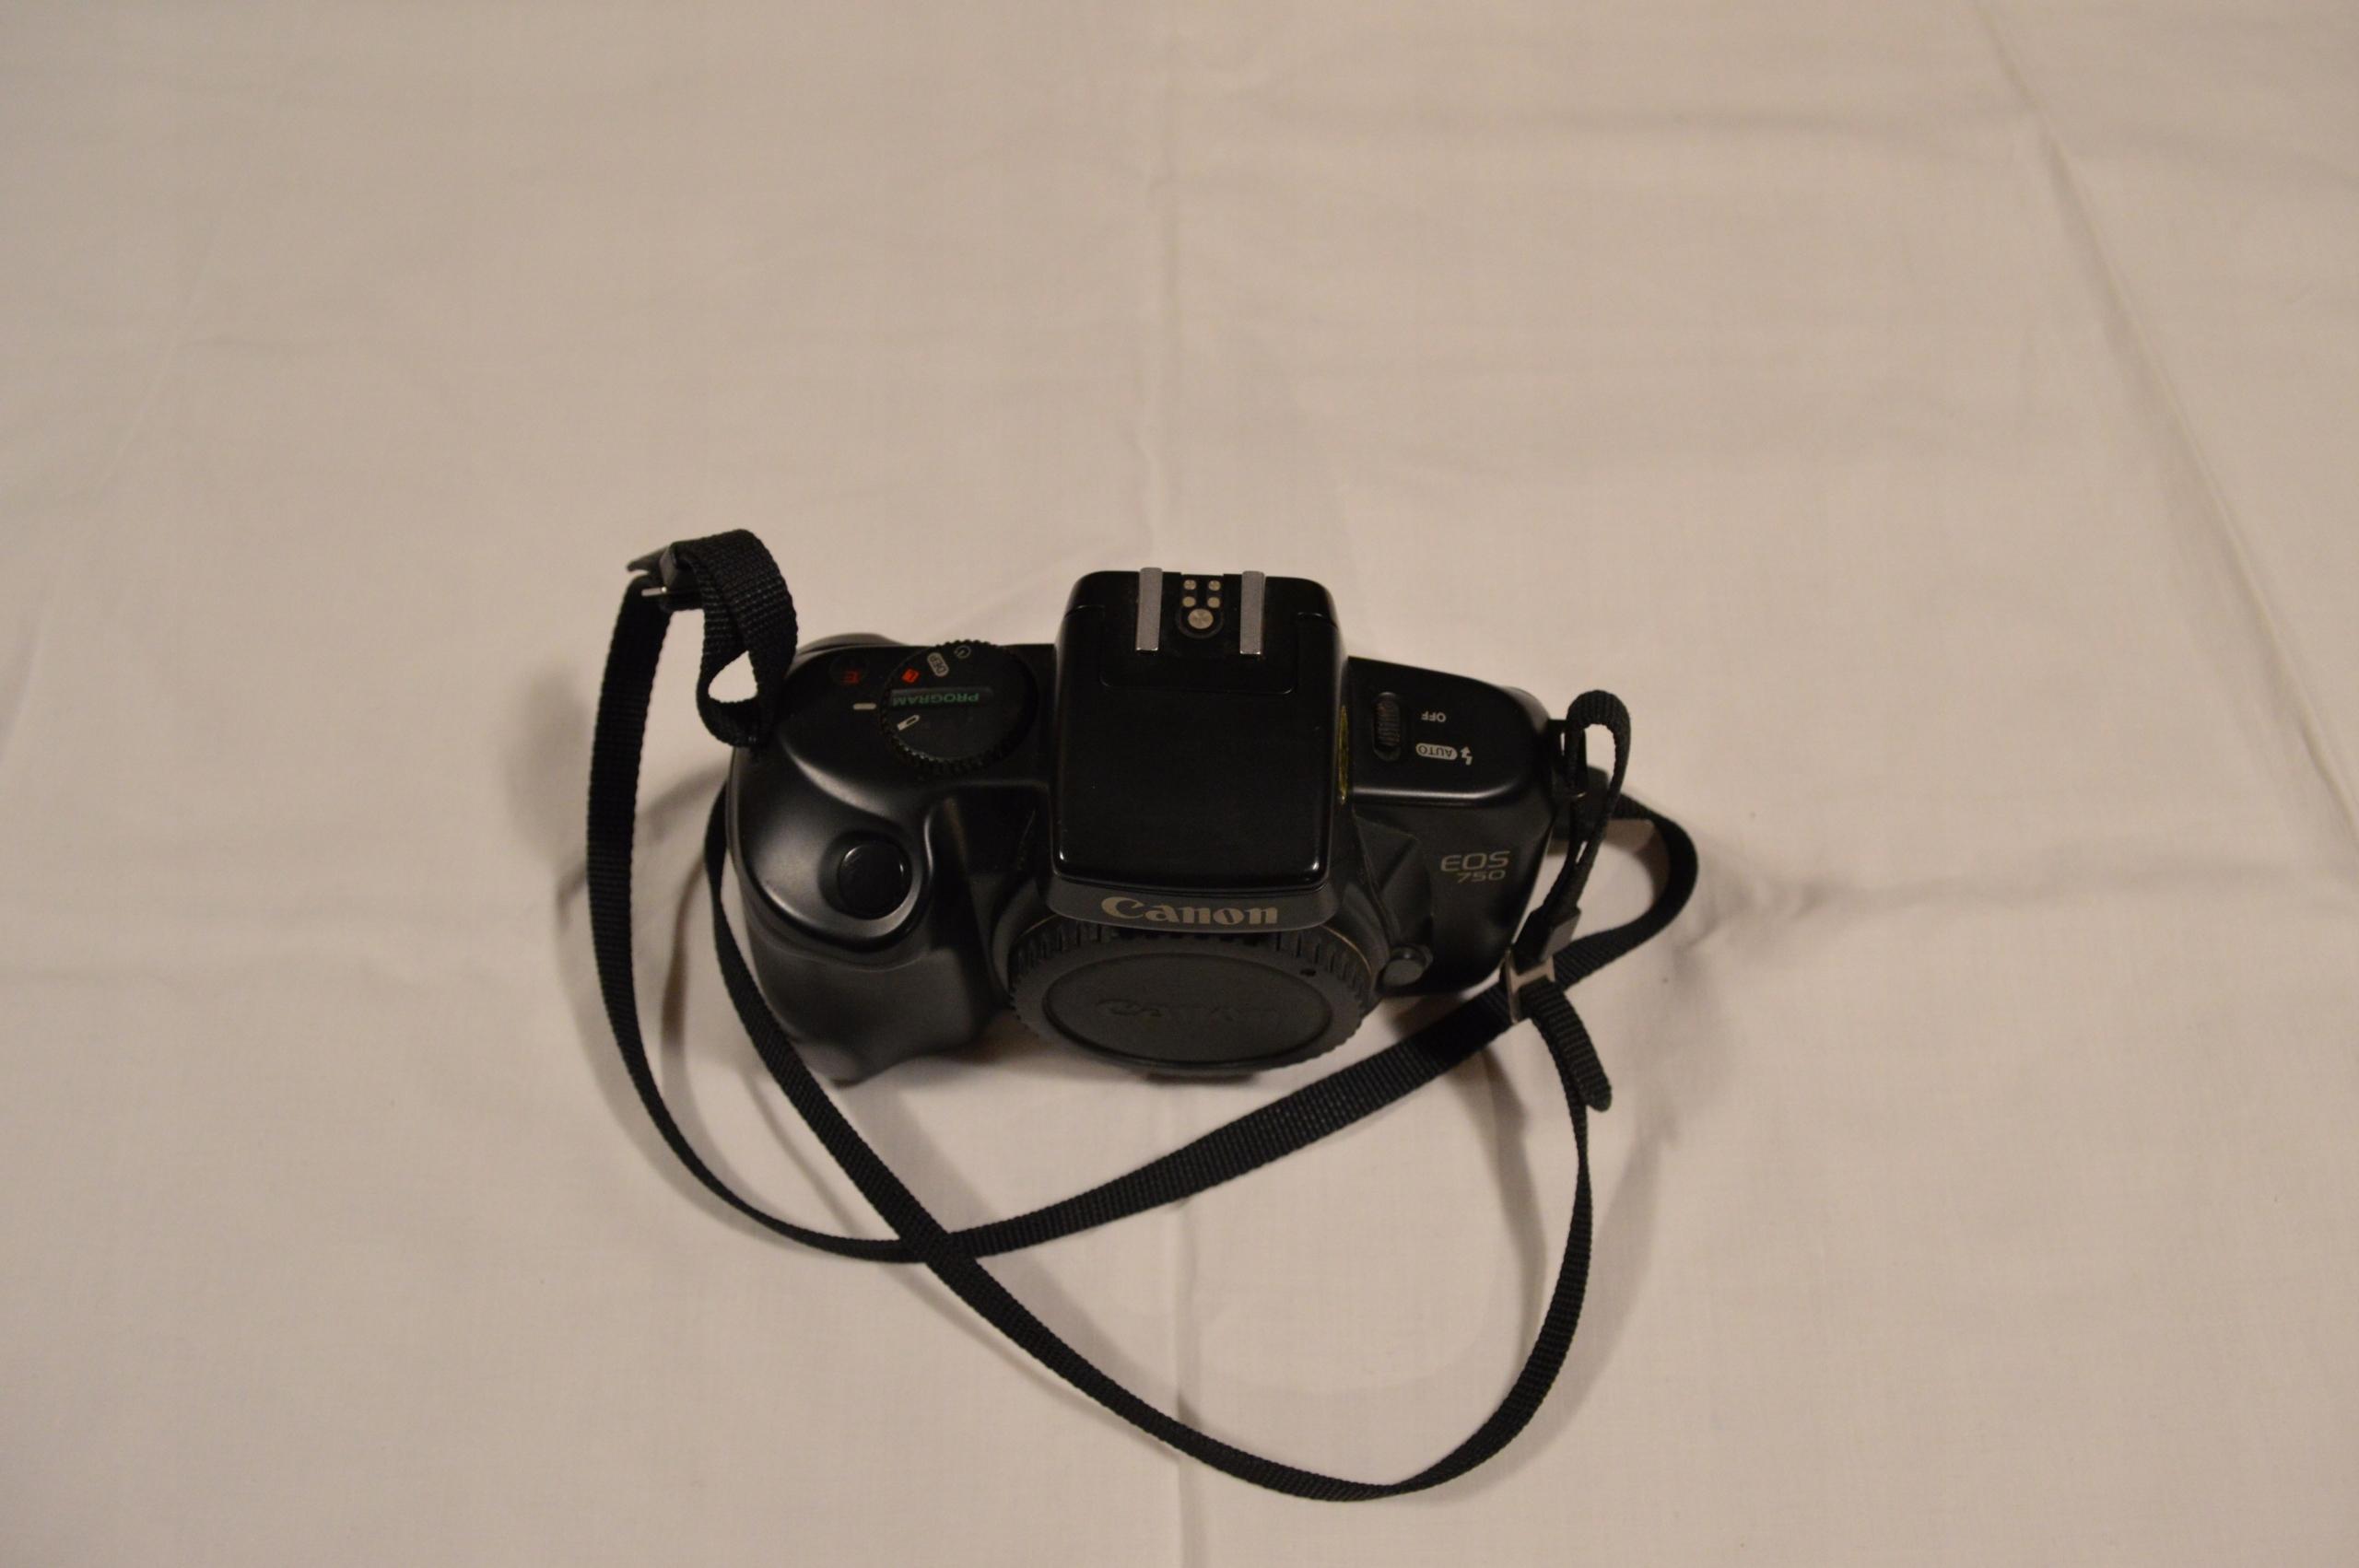 Canon EOS 750